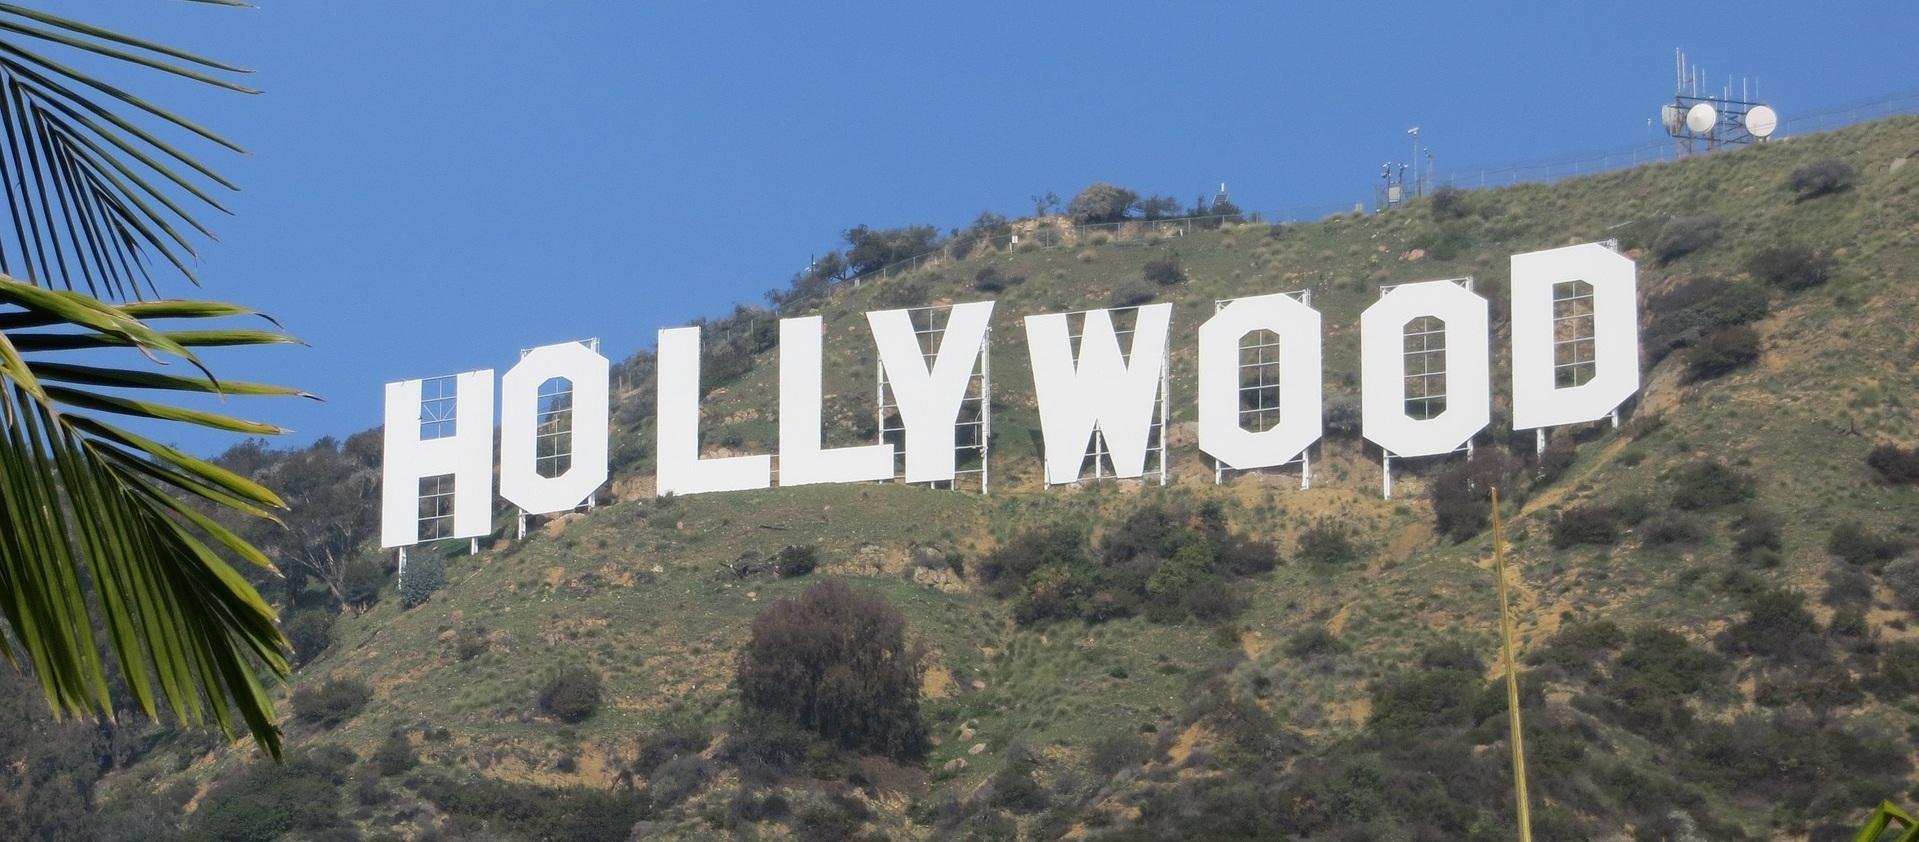 DAG 4 - LEDIG DAG - Ledig dag i Los Angeles. Ta en tur ut mot Santa Monica, till Venice Beach eller nåt annat kul i denna enorma stad.På kvällen spelar Los Angeles Kings mot Vegas Golden Knights för den som är sugen på NHL hockey.Hör med oss om utlykter, hyrbil, evenemangsbiljetter i Los Angeles..